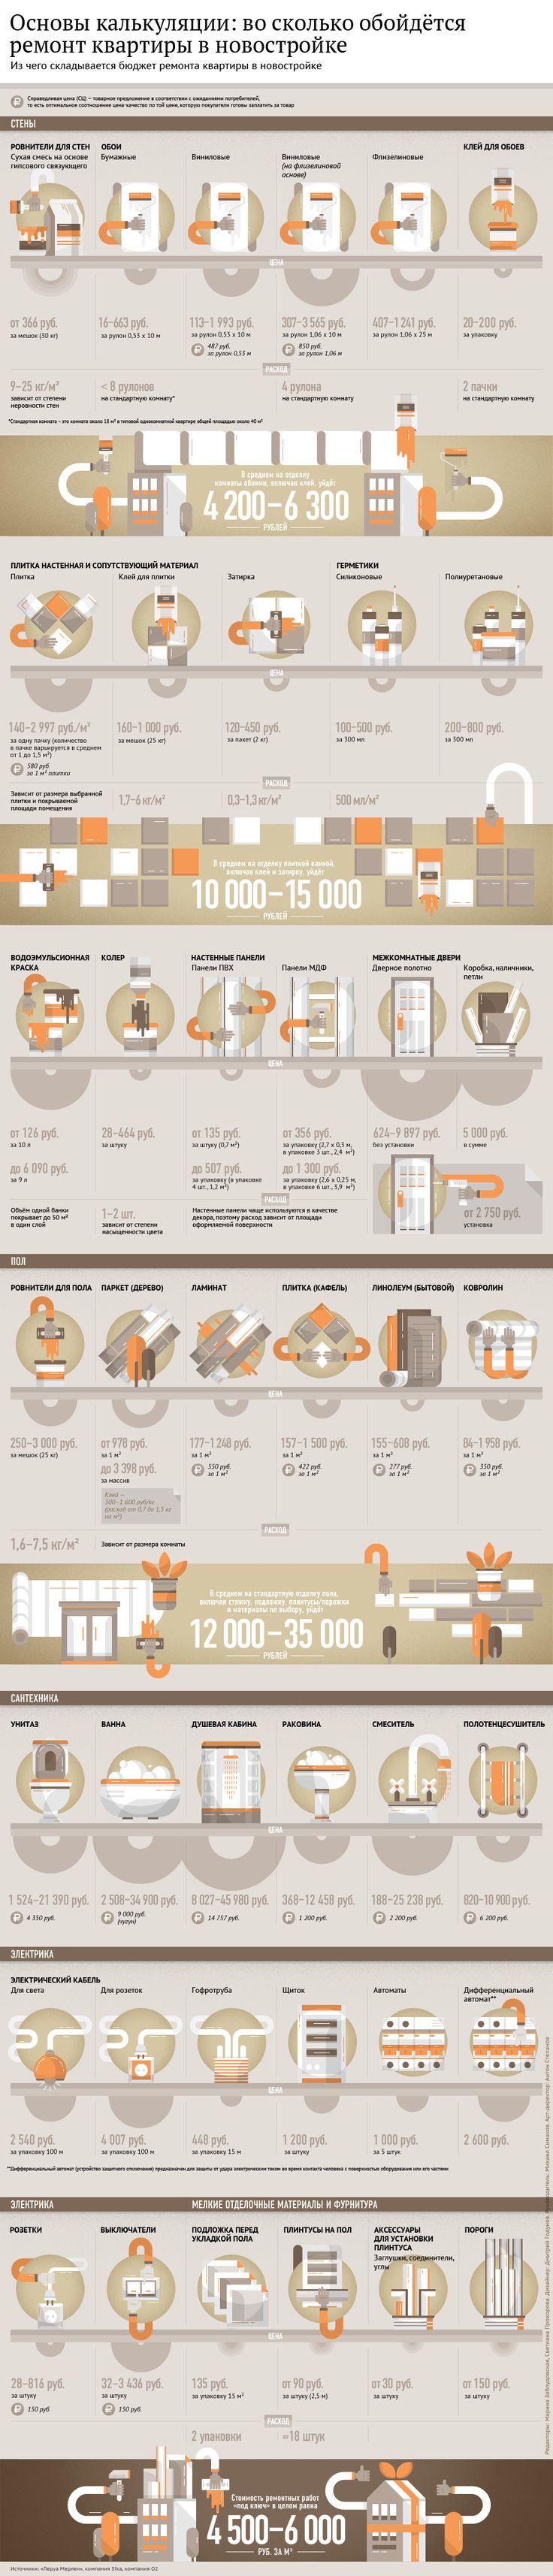 Основы калькуляции: во сколько обойдётся ремонт квартиры в новостройке